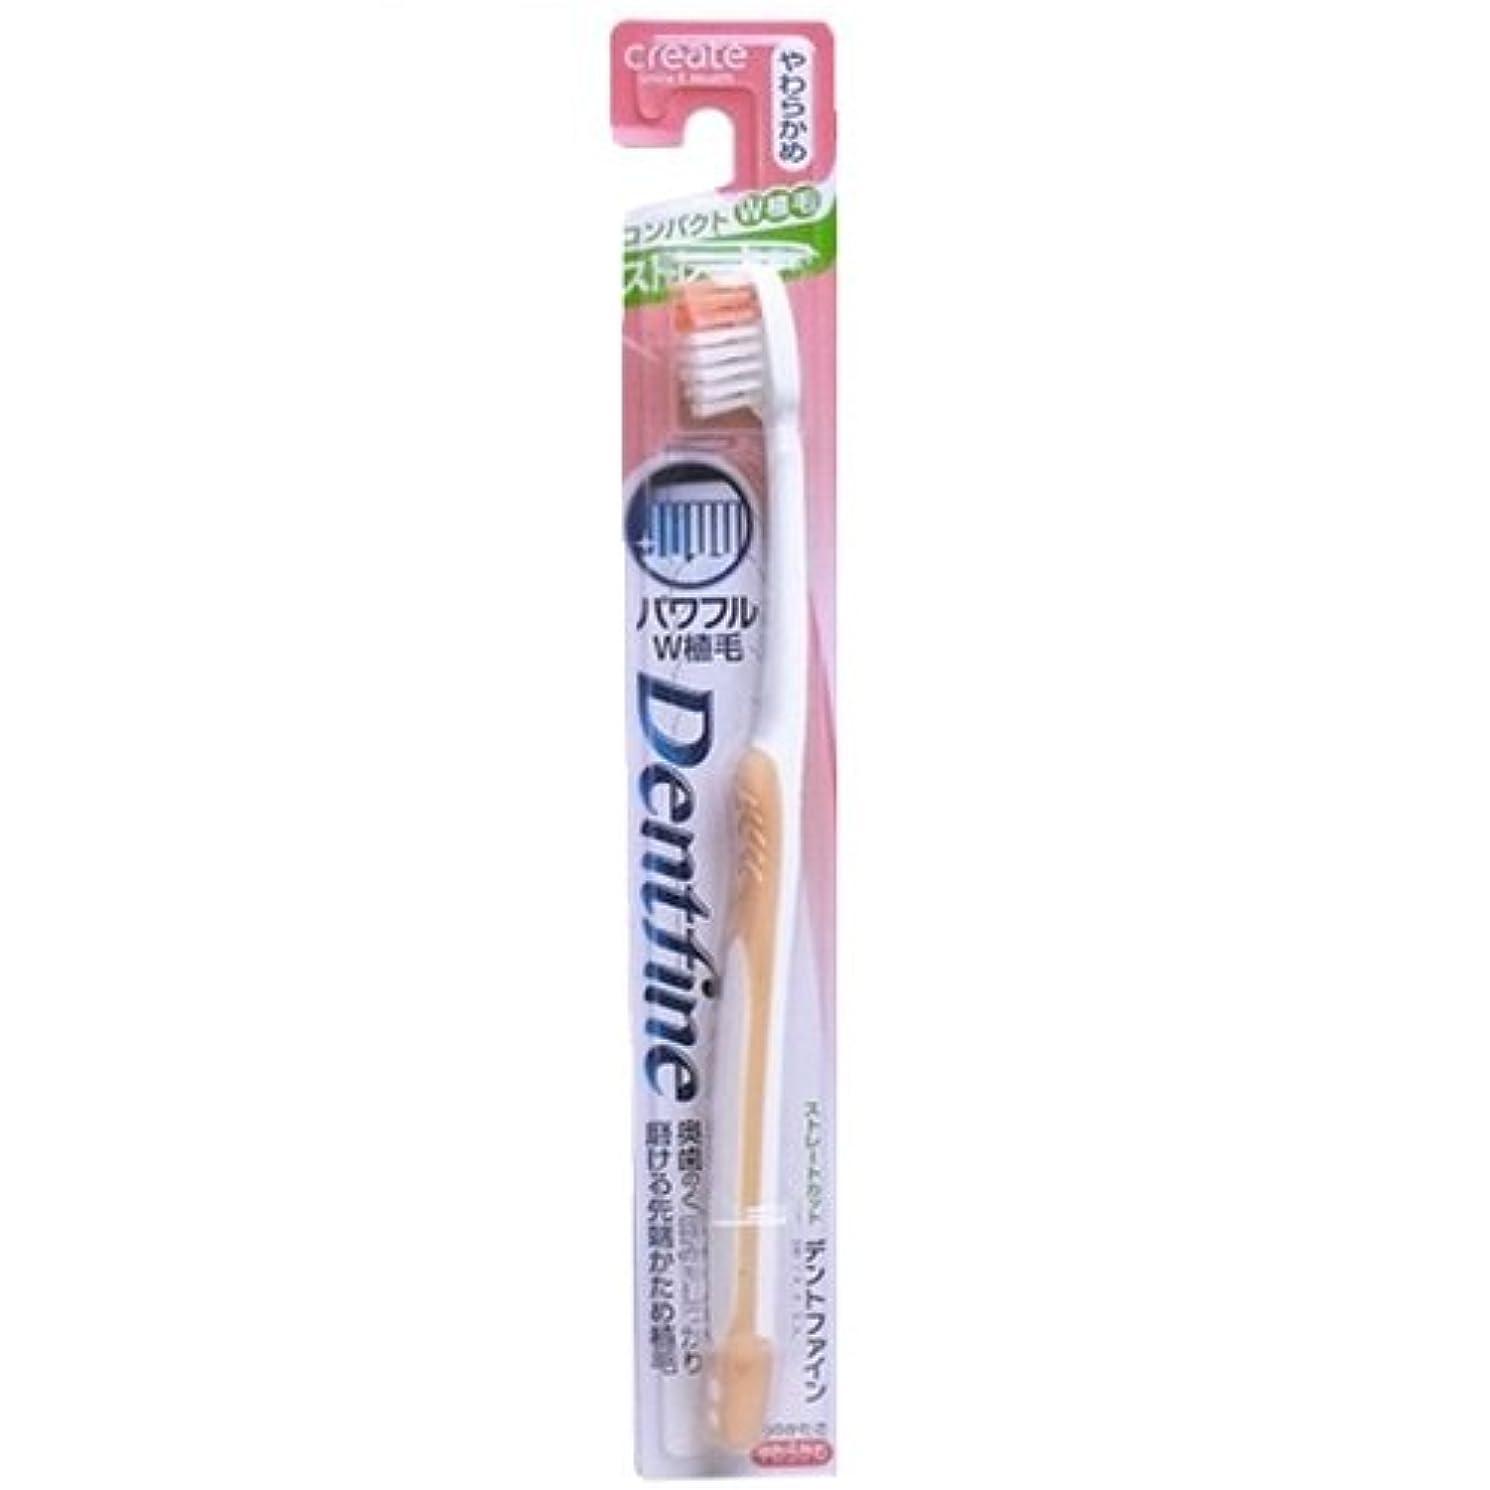 スペイン語充実トンネルデントファインラバーグリップ ストレートカット歯ブラシ やわらかめ 1本:オレンジ